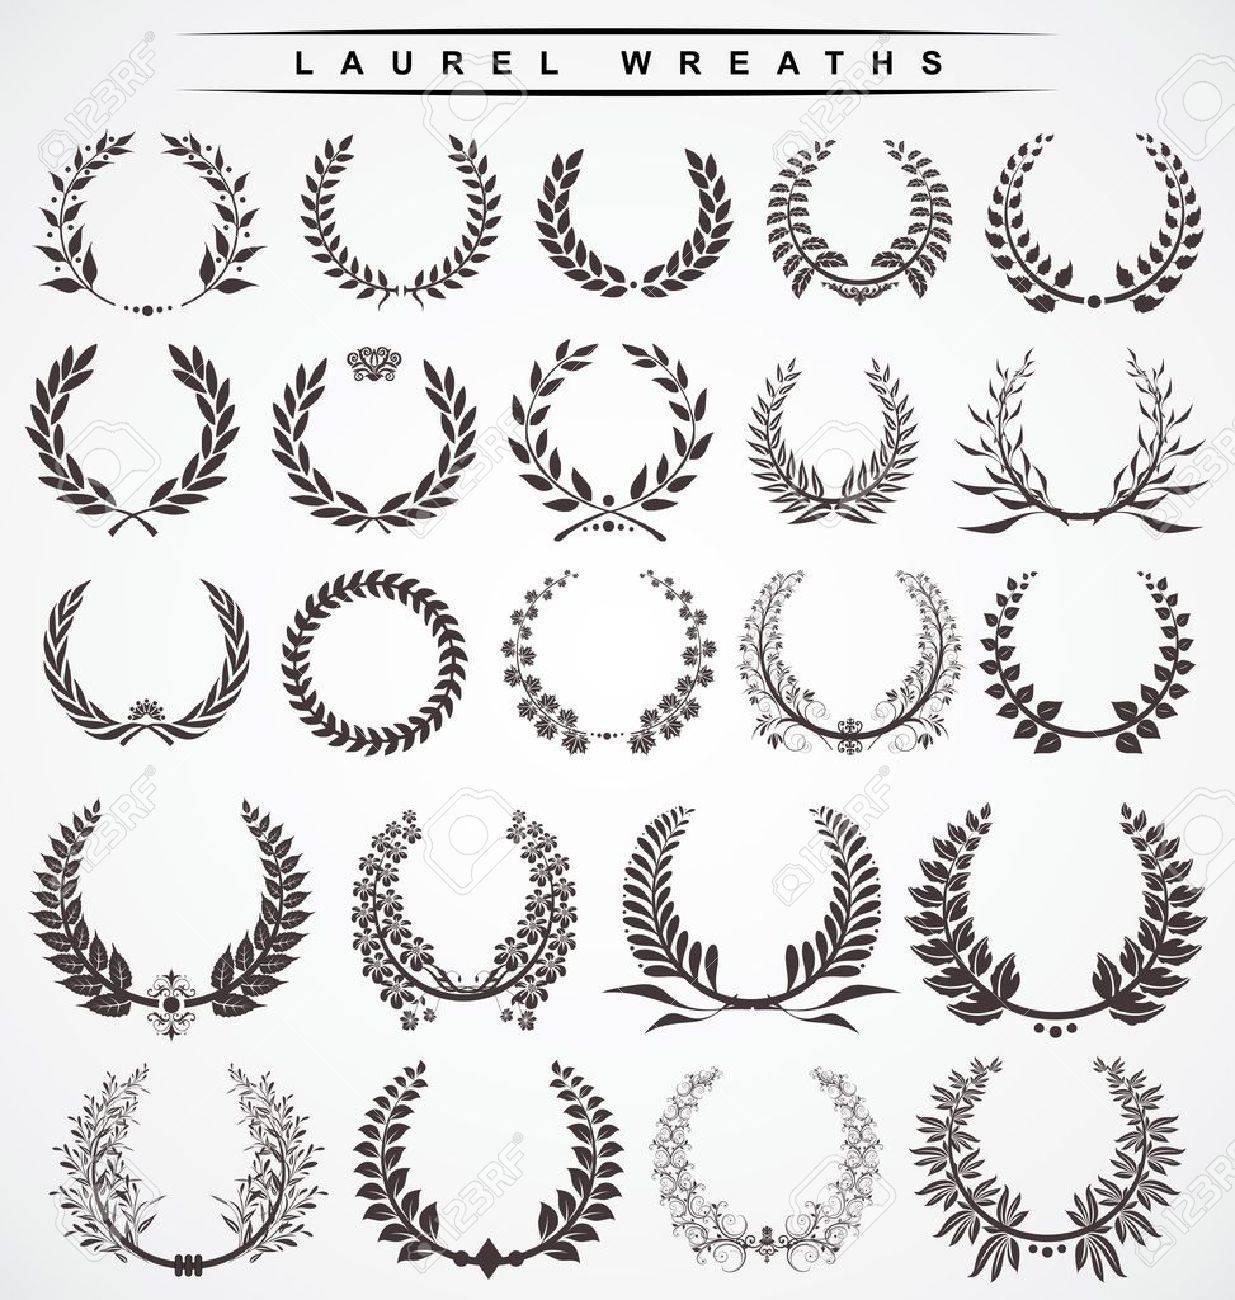 laurel wreaths Stock Vector - 11765737